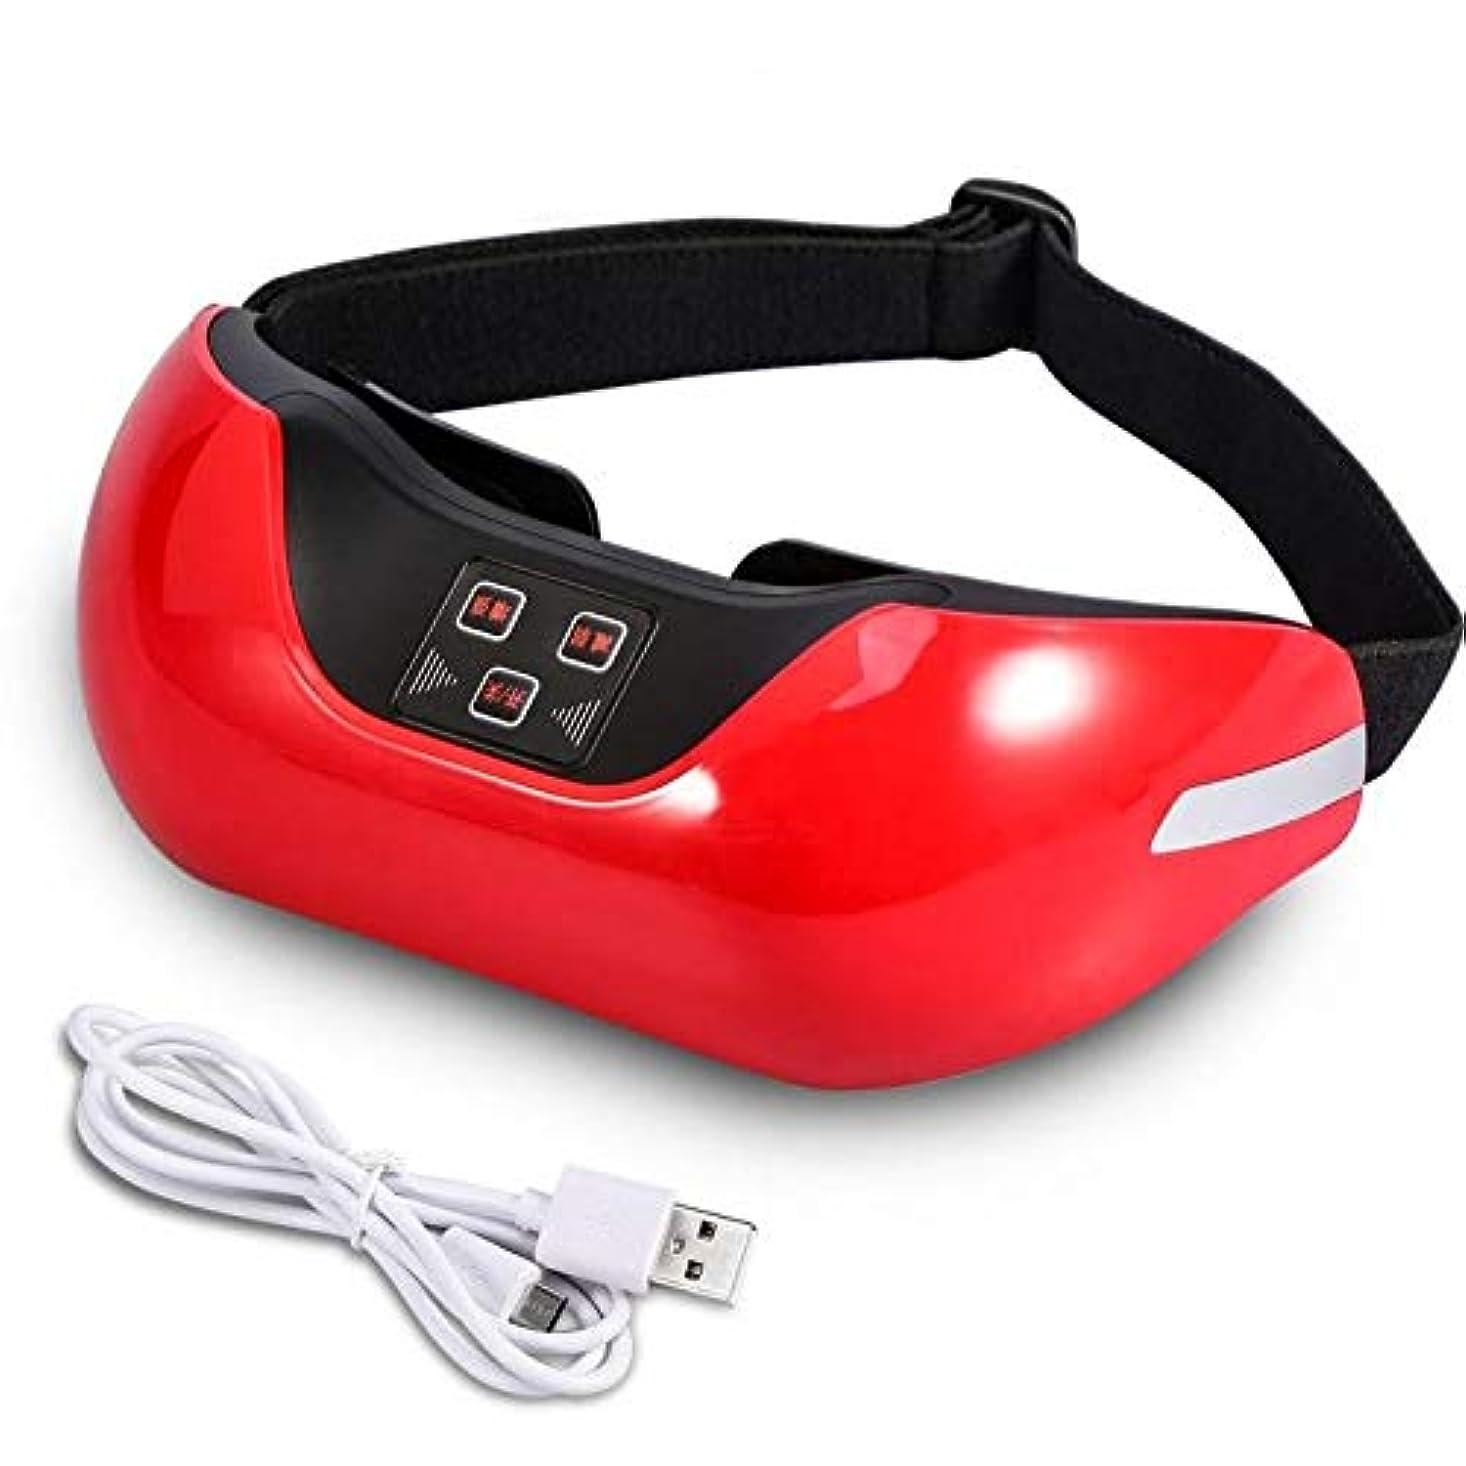 くるみ高度奨励しますRuzzy 緑色光アイマッサージャー付き3D充電式マッサージャー 購入へようこそ (Color : Red)